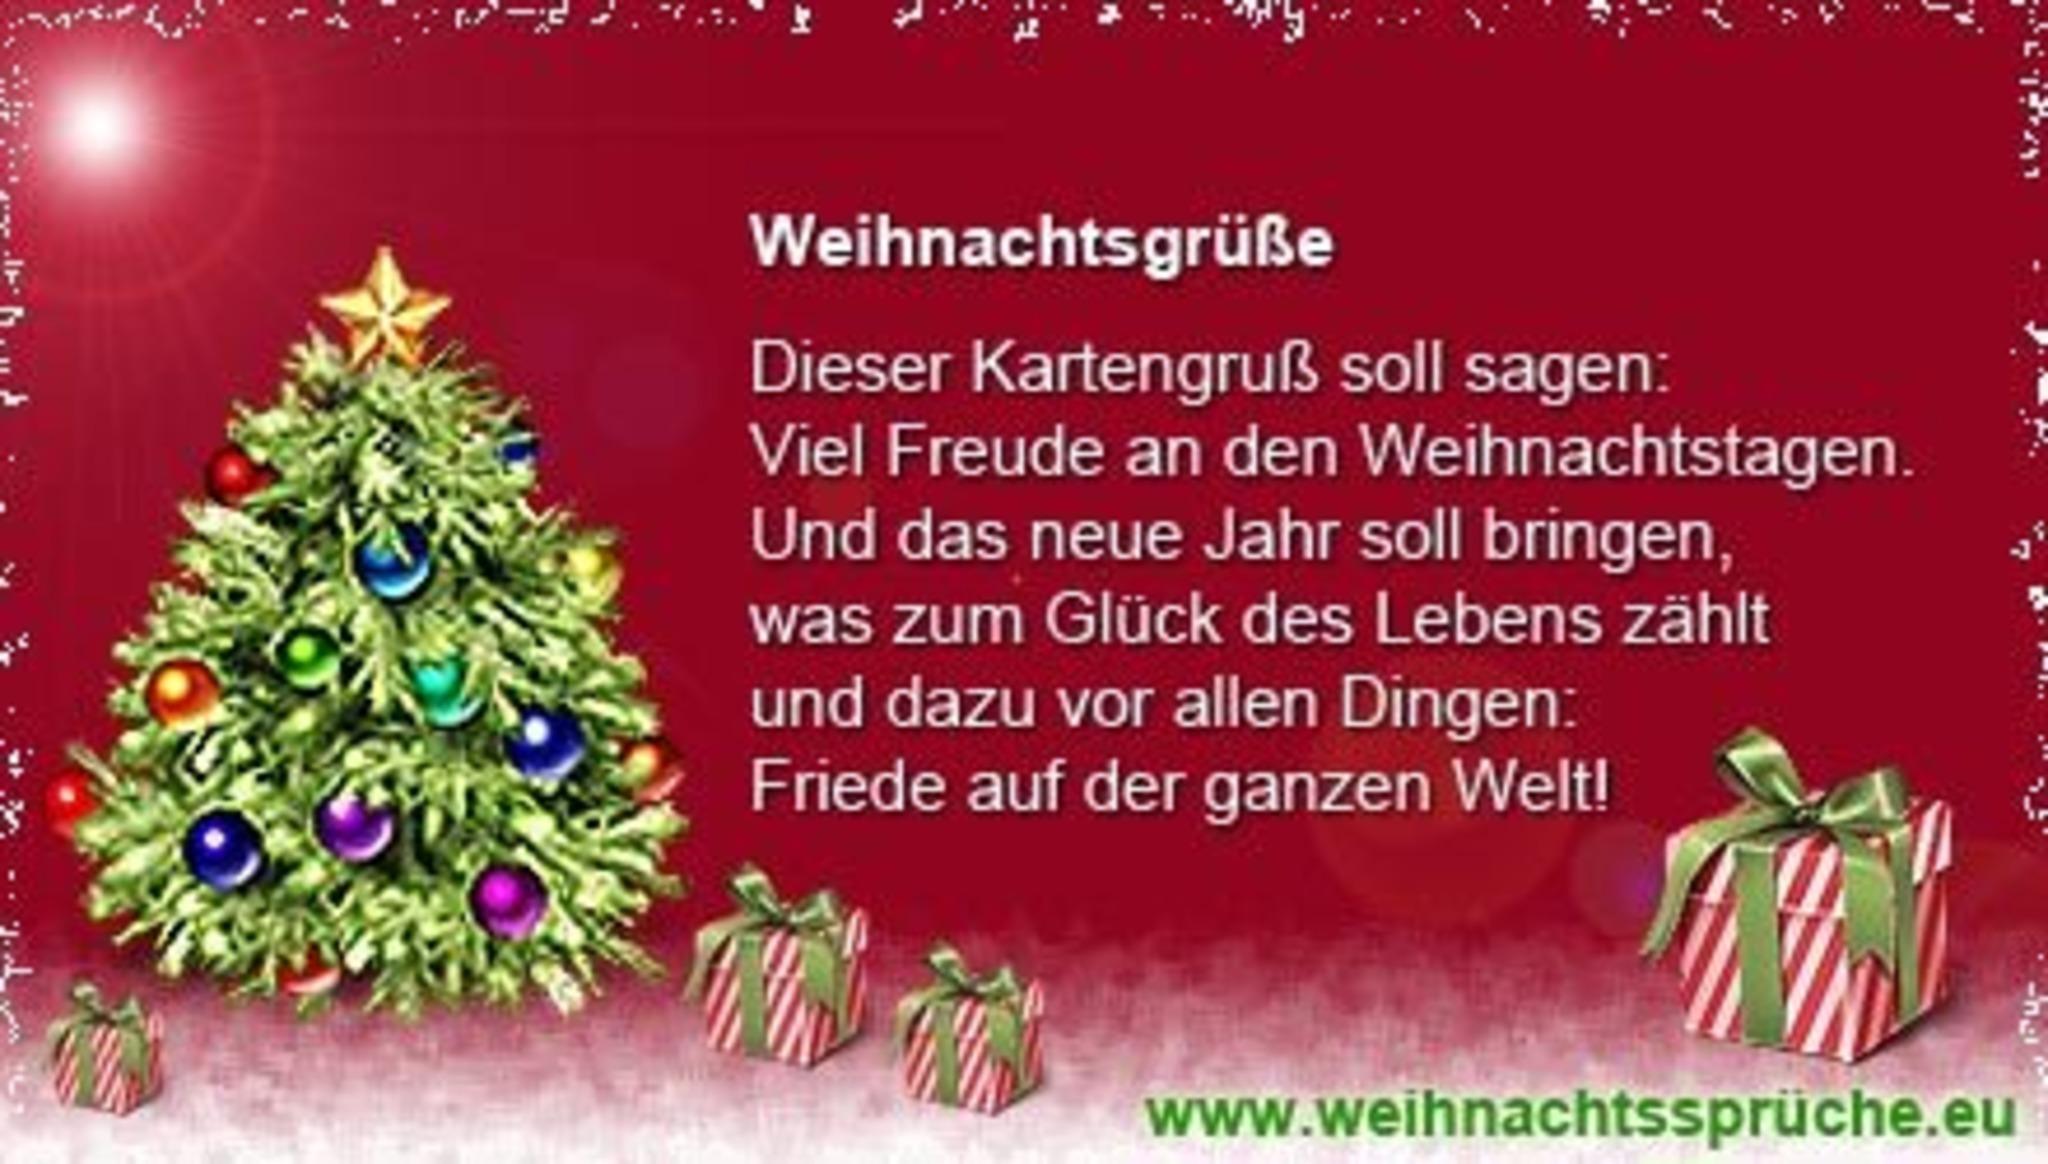 Lustige Weihnachtsgedichte Kurz.Weihnachts Und Neujahrswünsche An Alle Südoststeiermark